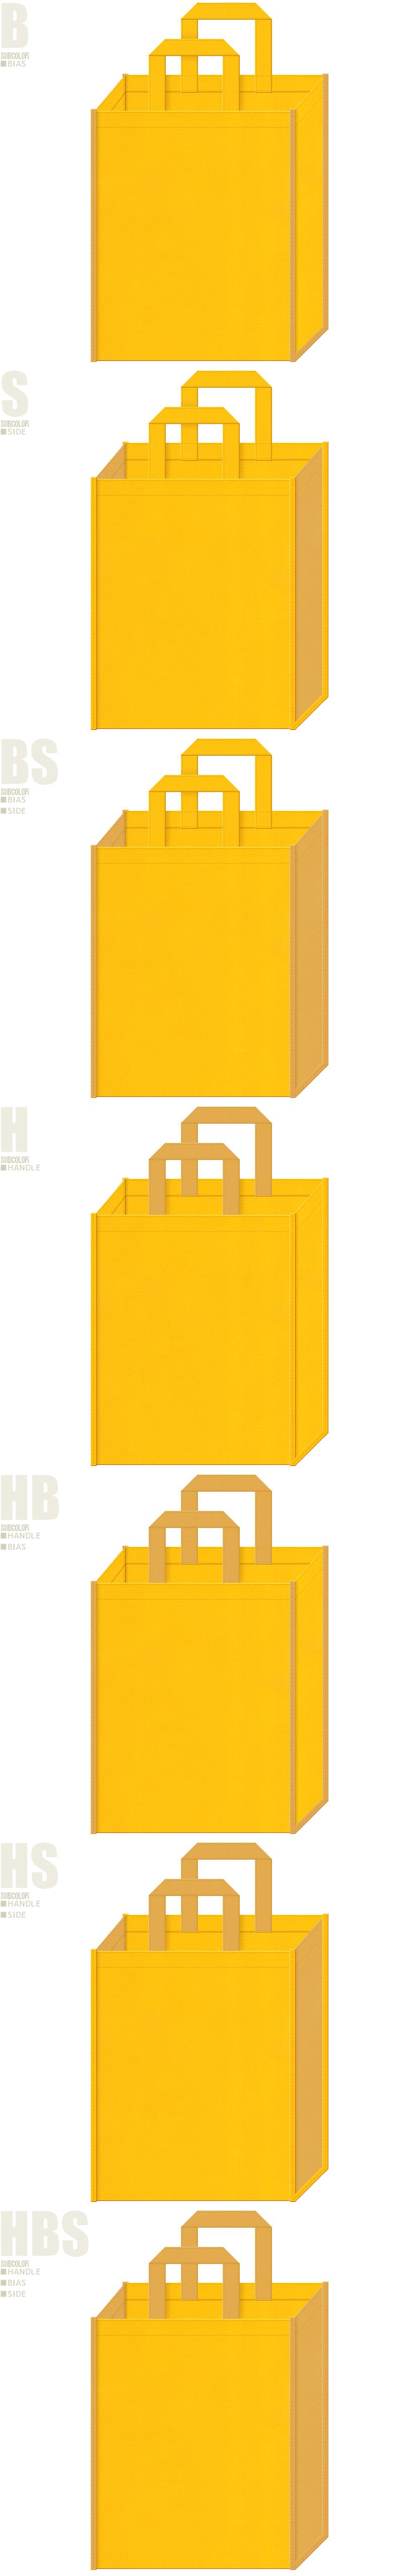 フライヤー・サラダ油・スイーツ・黄金・絵本・テーマパーク・ゲーム・キッズイベントにお奨めの不織布バッグデザイン:黄色と黄土色の配色7パターン。